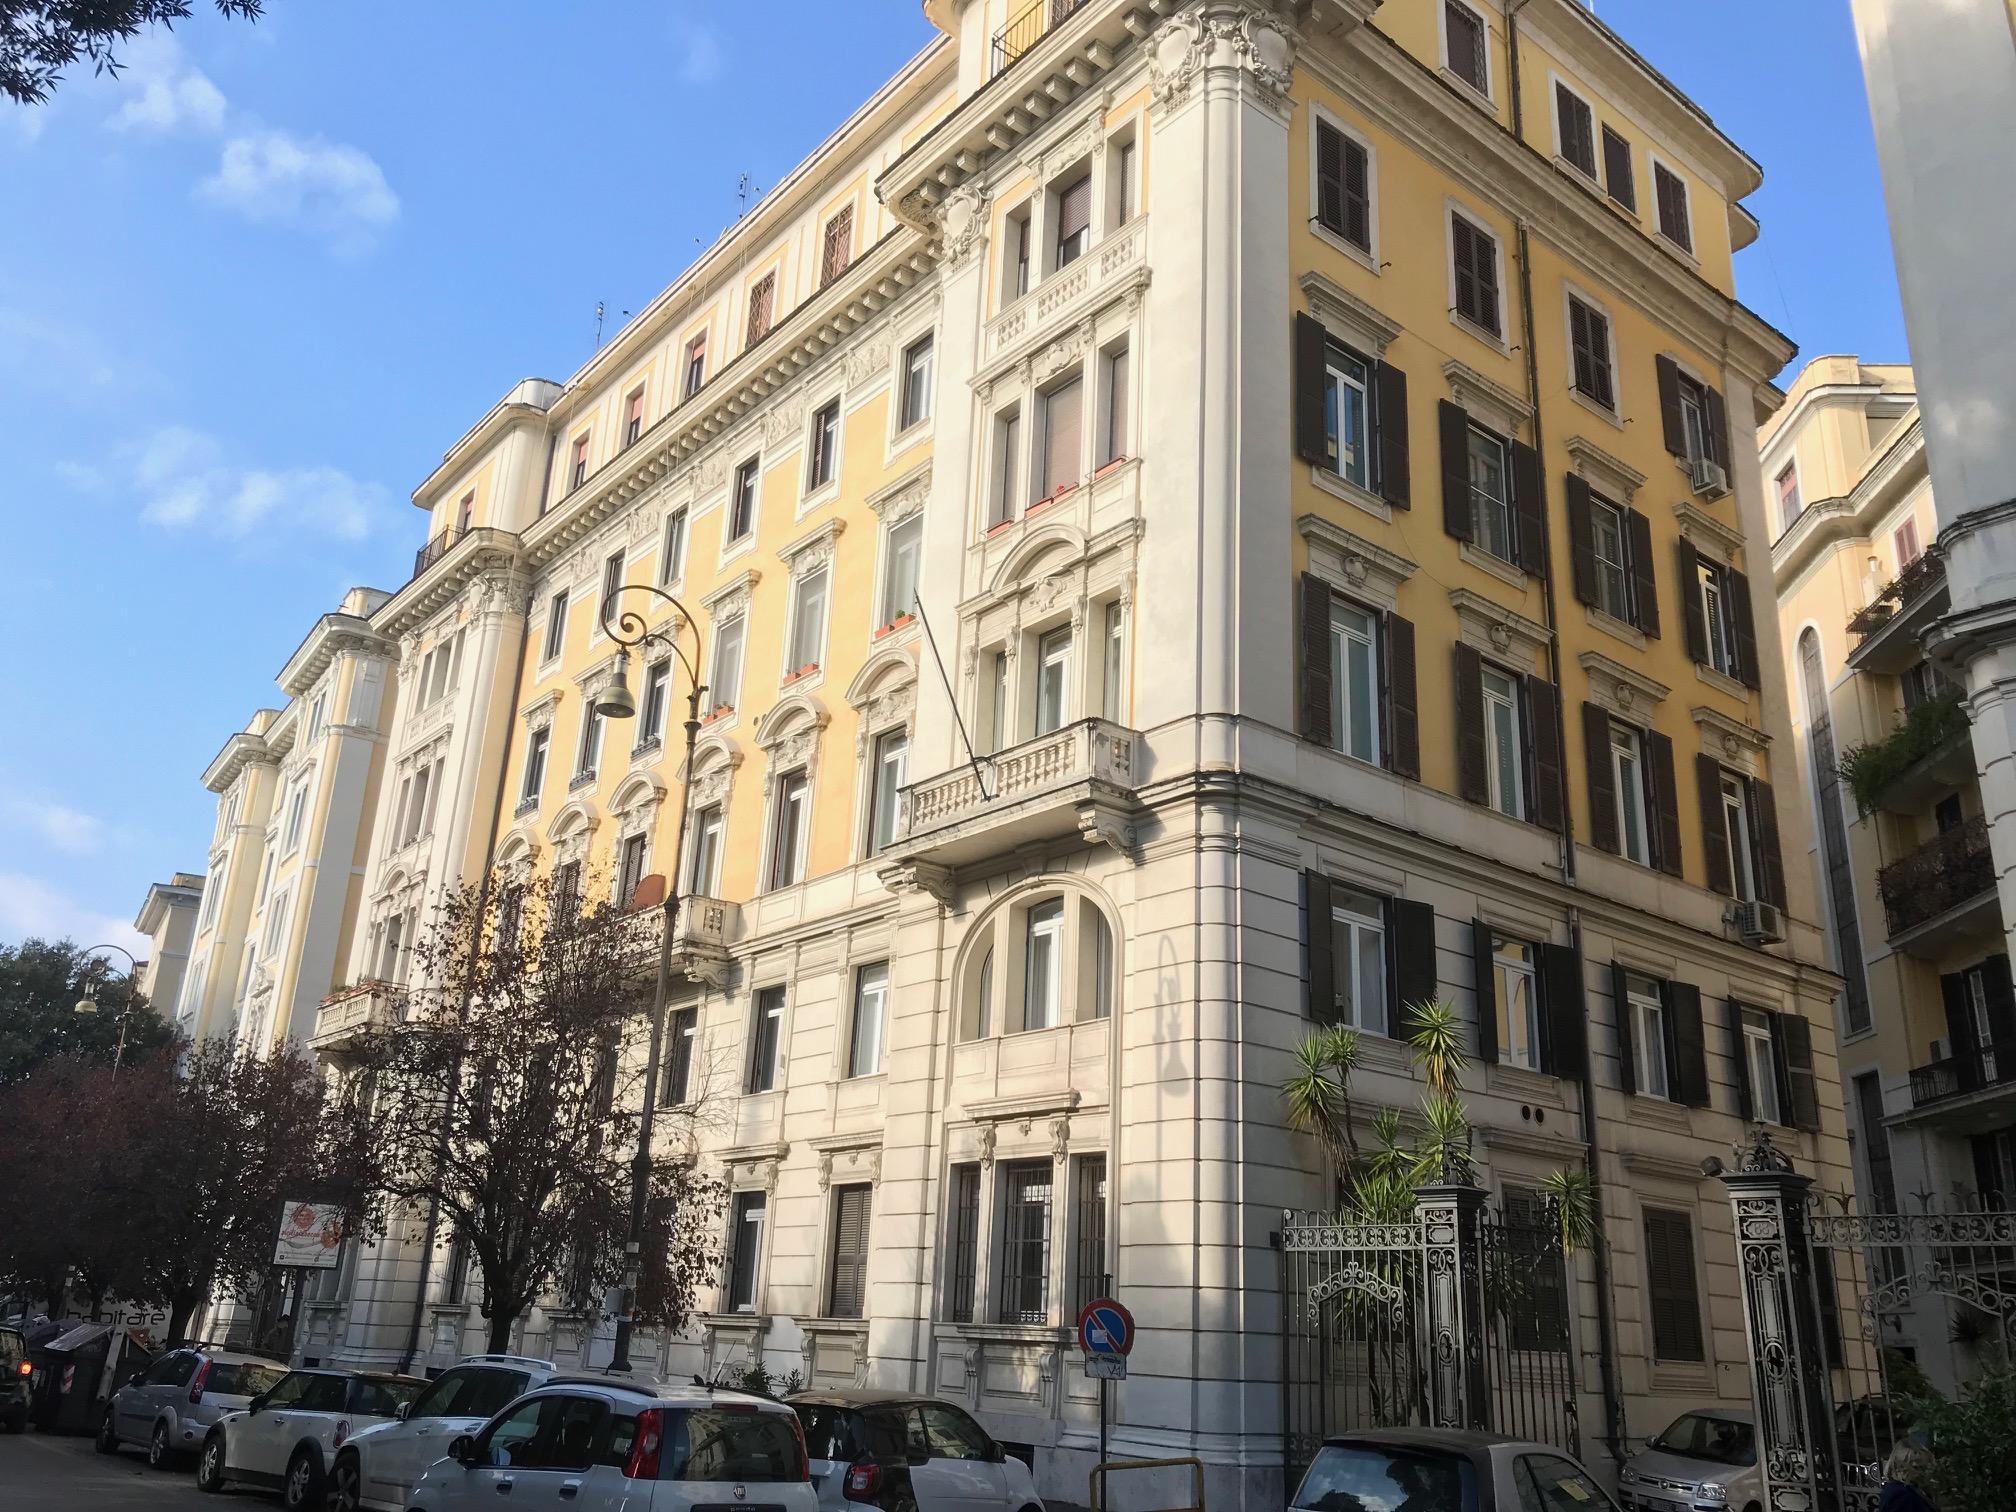 Ufficio prati hallberg real estate for Ufficio roma prati